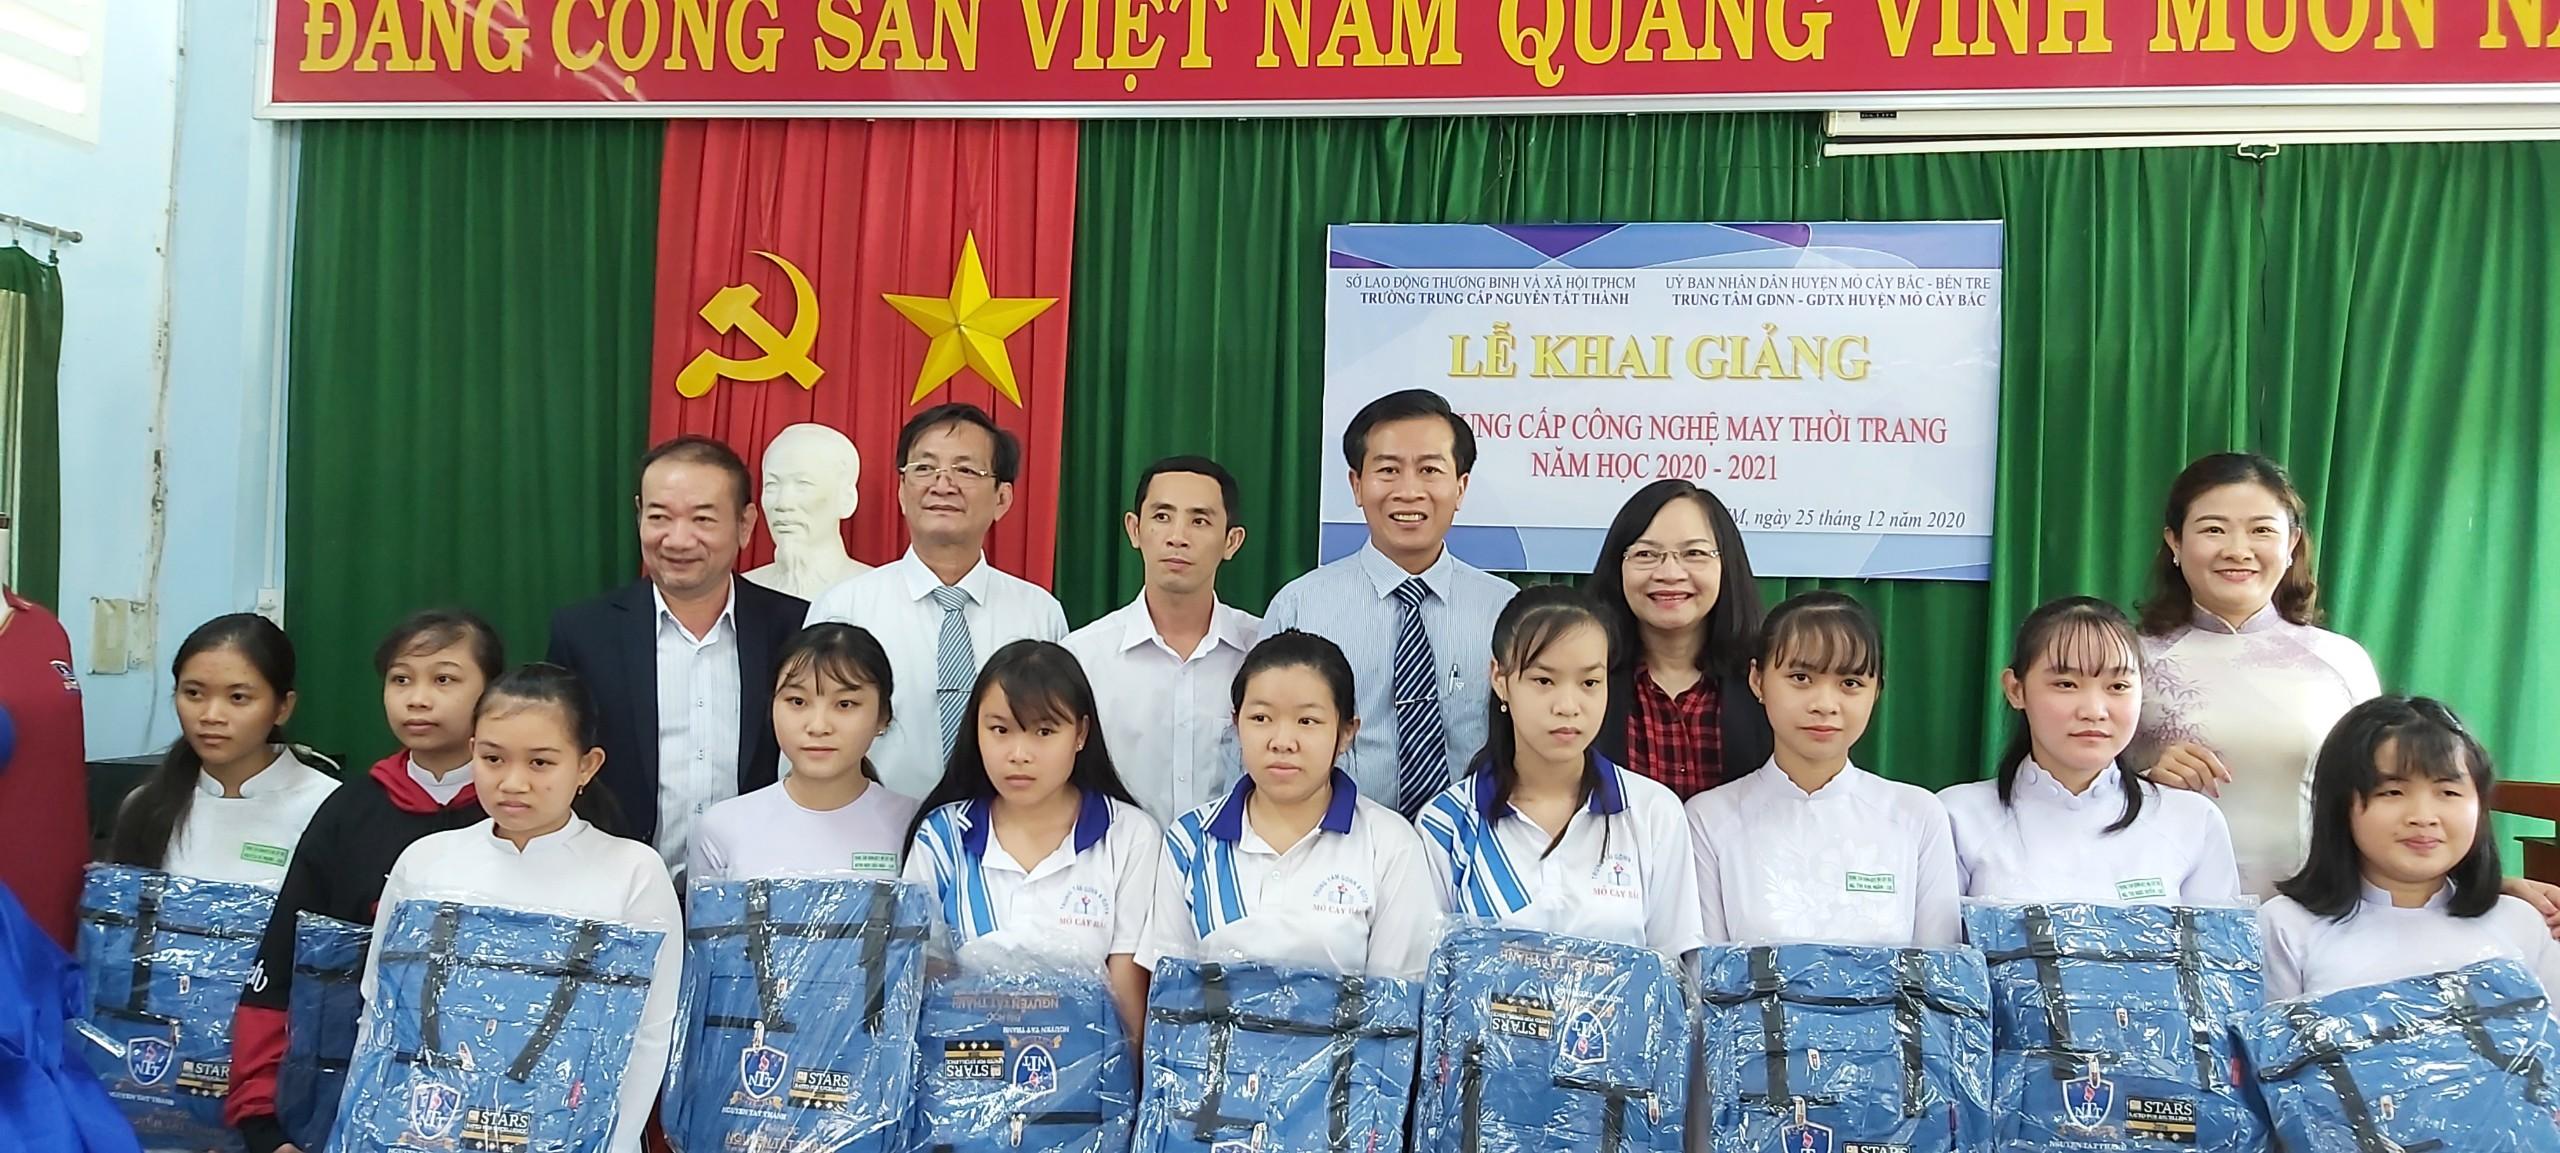 Lớp trung cấp Công nghệ may thời trang được khai giảng tại huyện Mỏ Cày Bắc, tỉnh Bến Tre